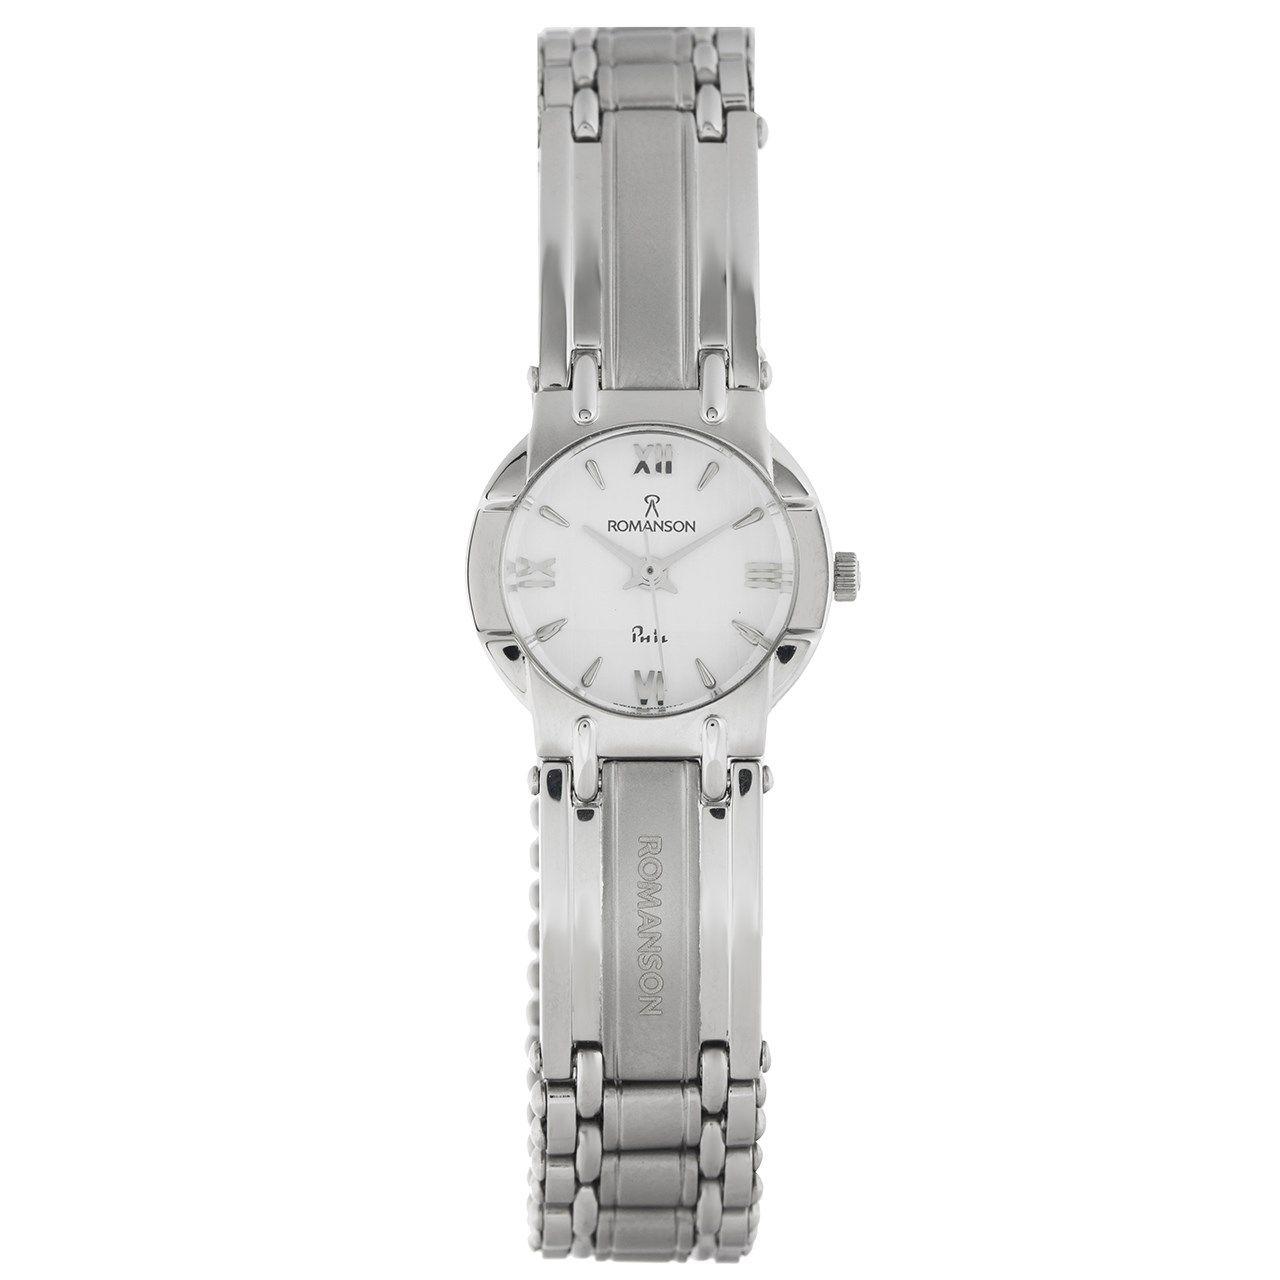 ساعت مچی عقربه ای زنانه رومانسون مدل NM0545LL1WA11W -  - 1